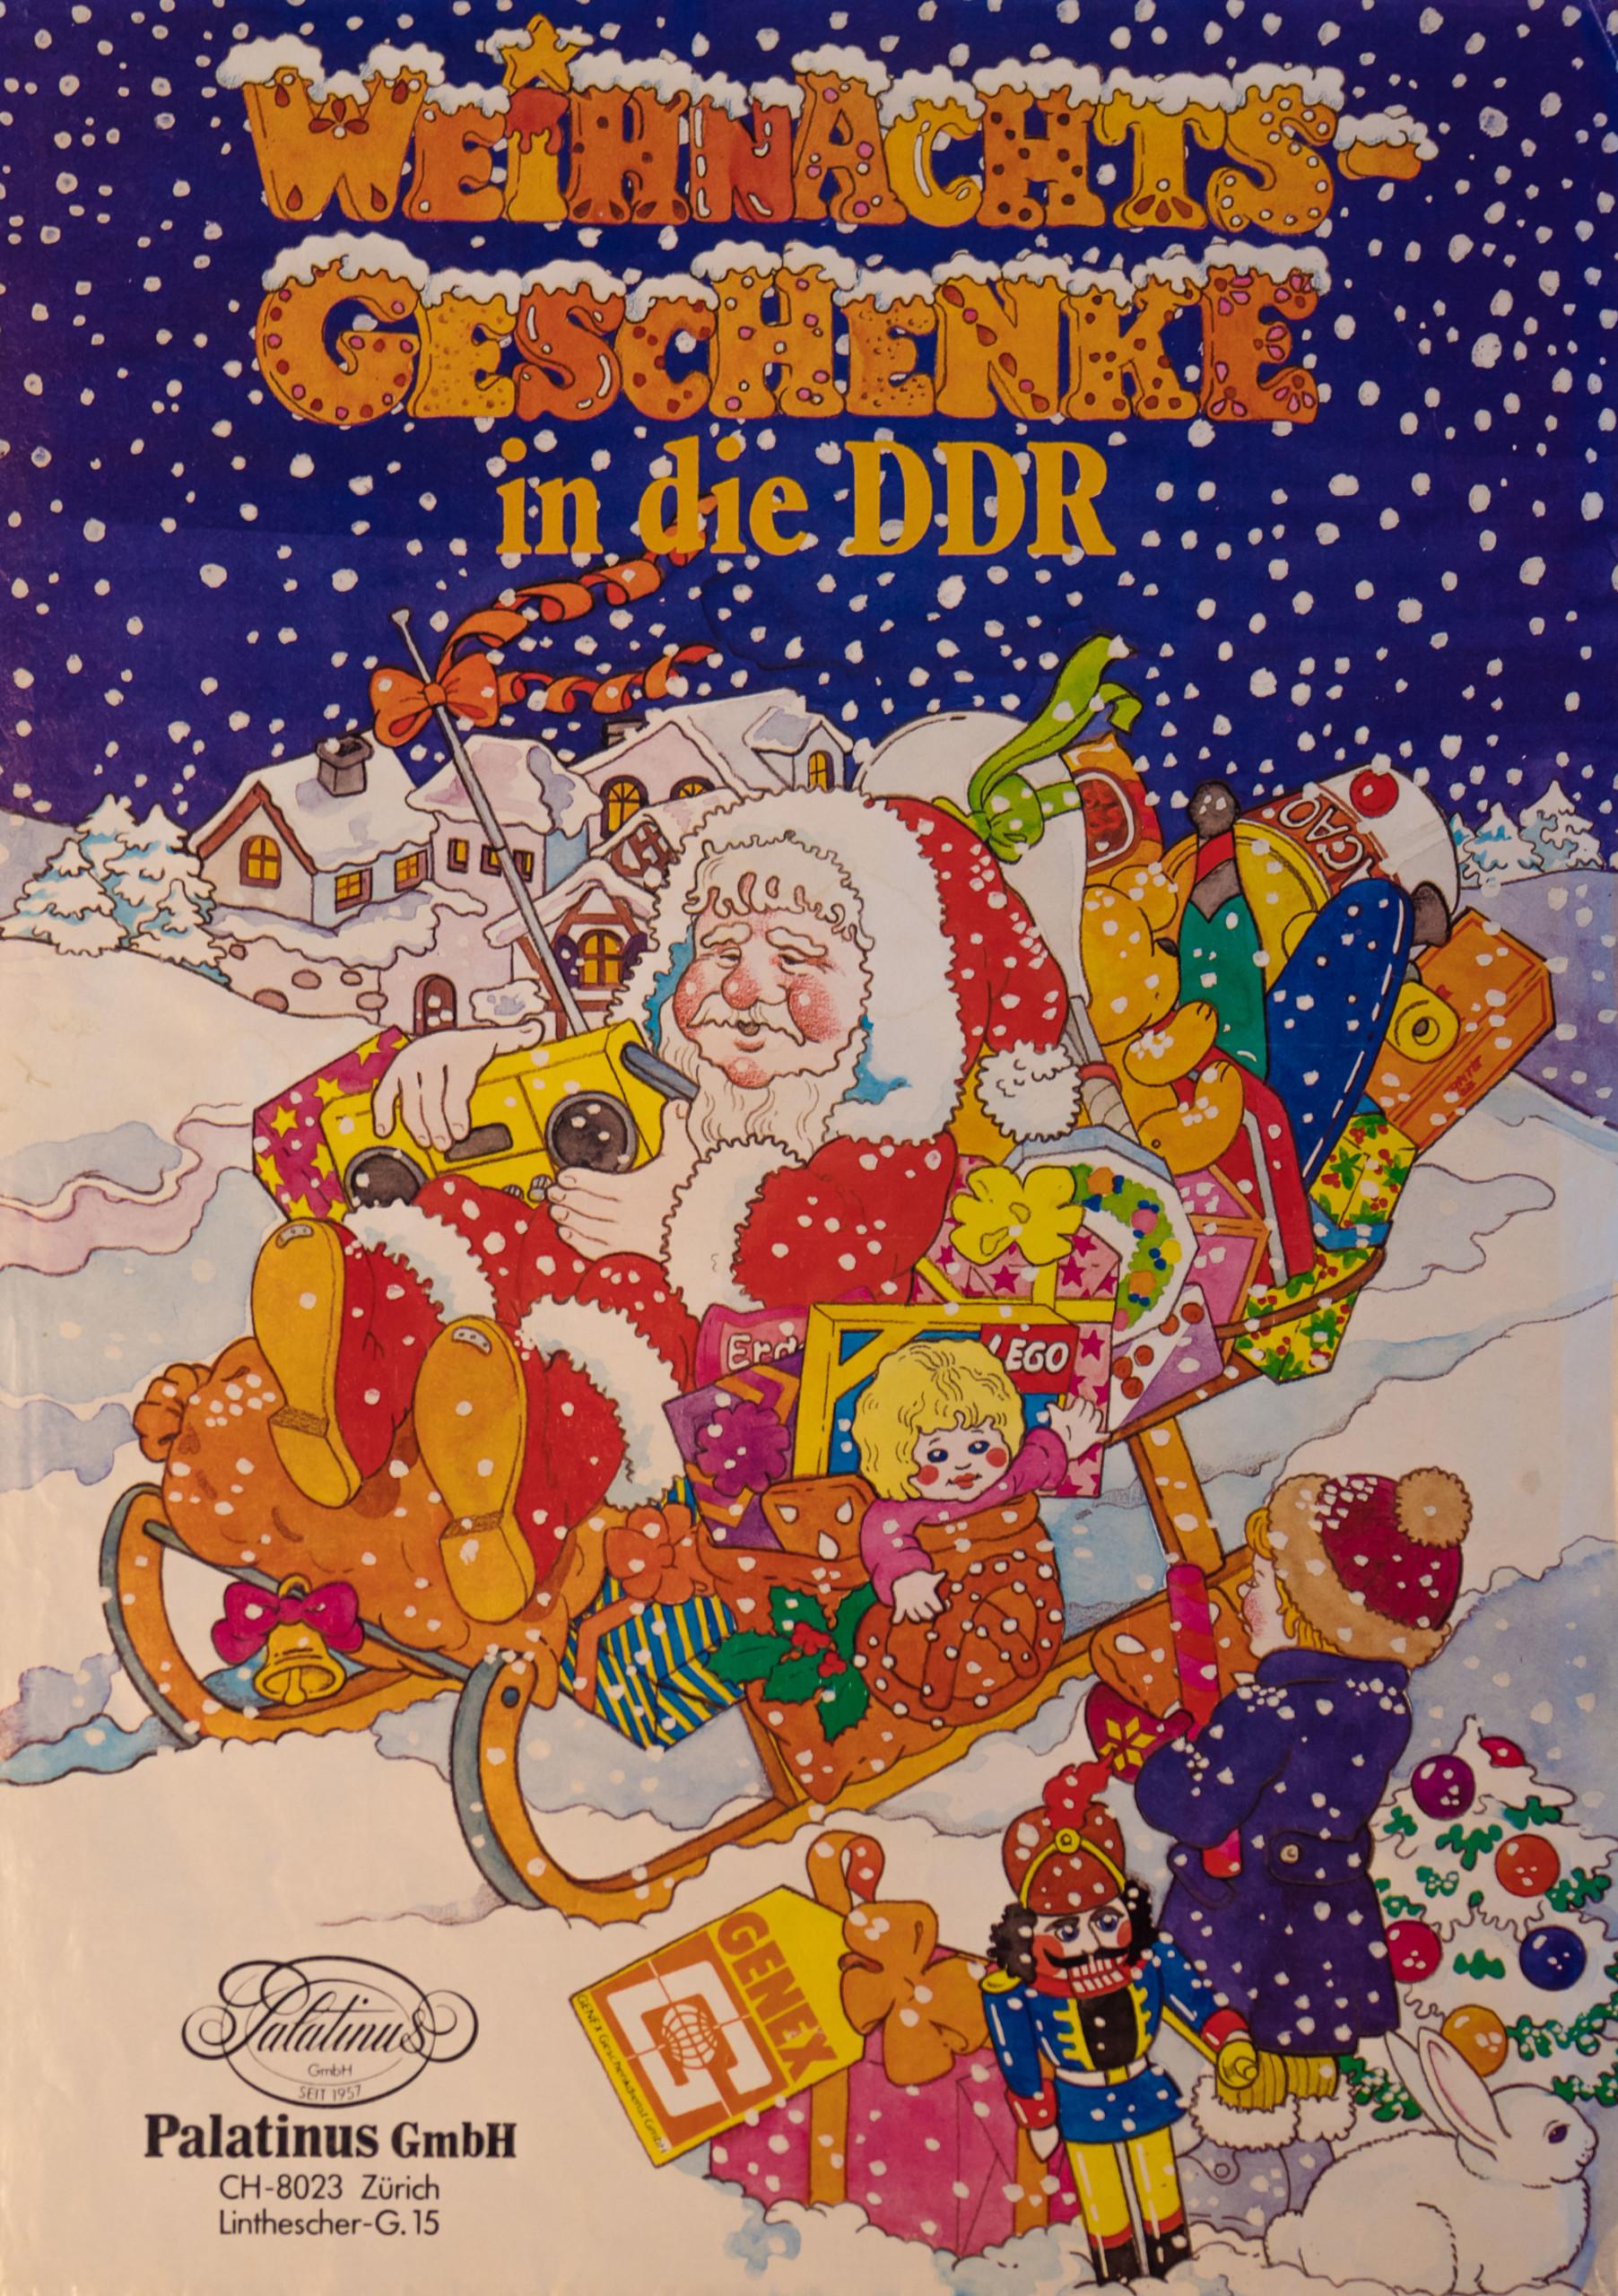 Genex Weihnachtsgeschenke in die DDR 1985 | DDR Museum Berlin